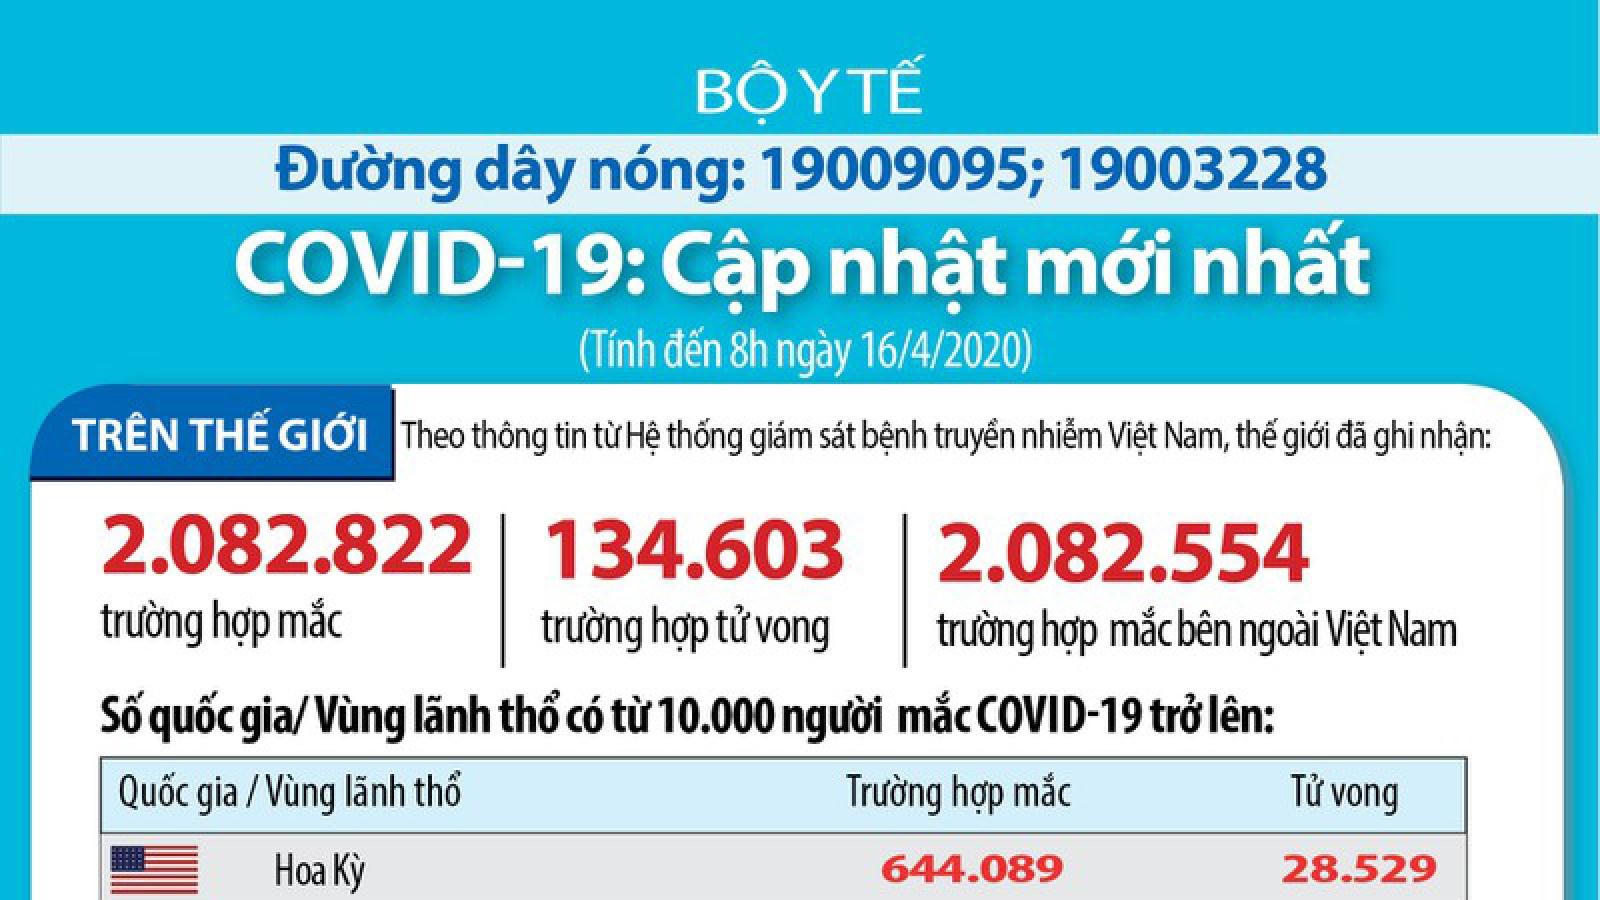 Covid-19: Thế giới ghi nhận 2.082.882 ca mắc và 134.604 ca tử vong